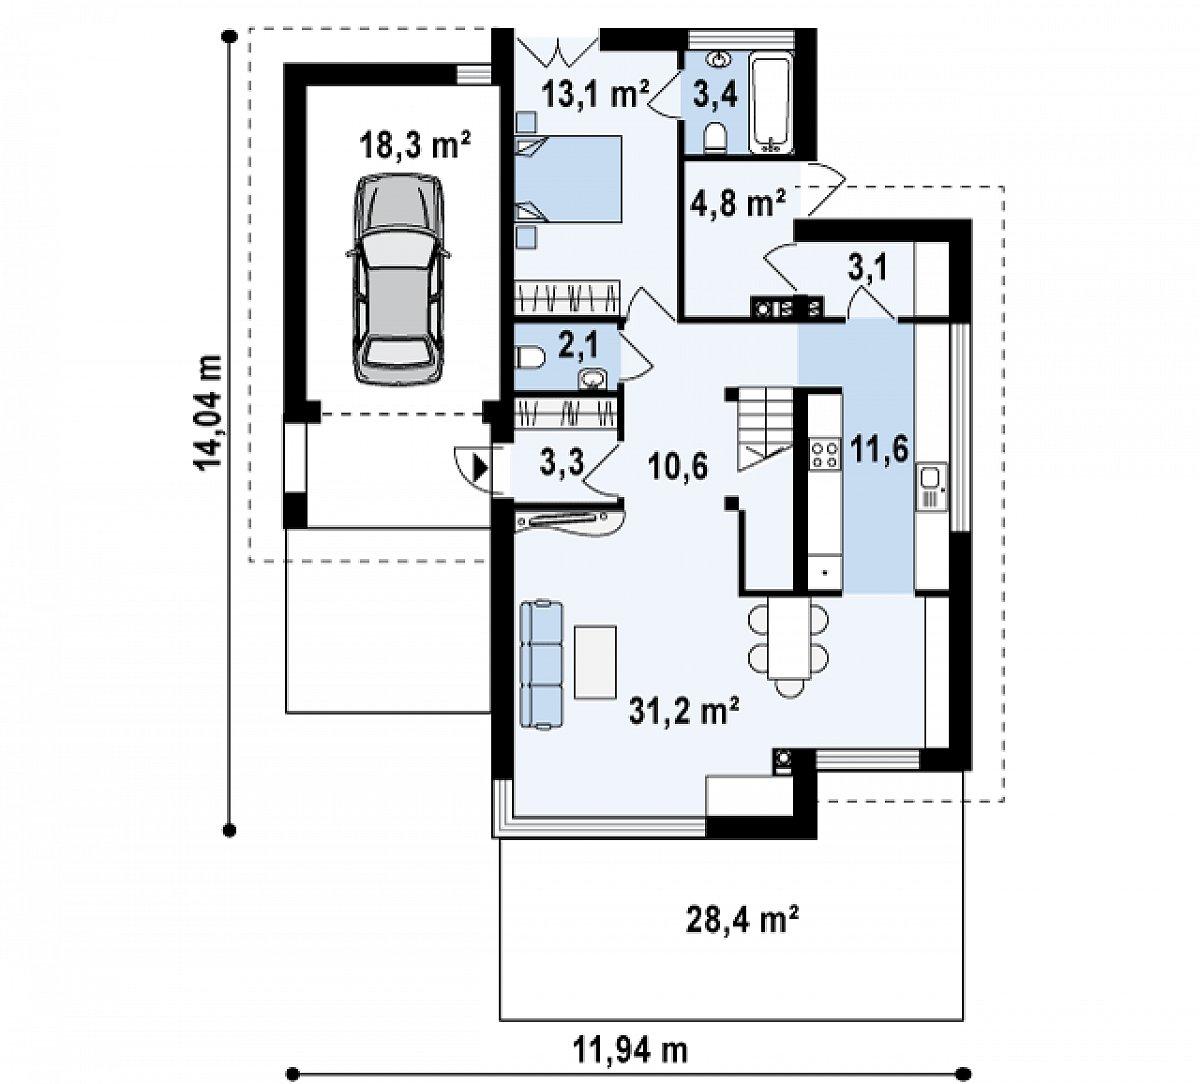 Первый этаж 83,1(101,4м²) дома Zx25